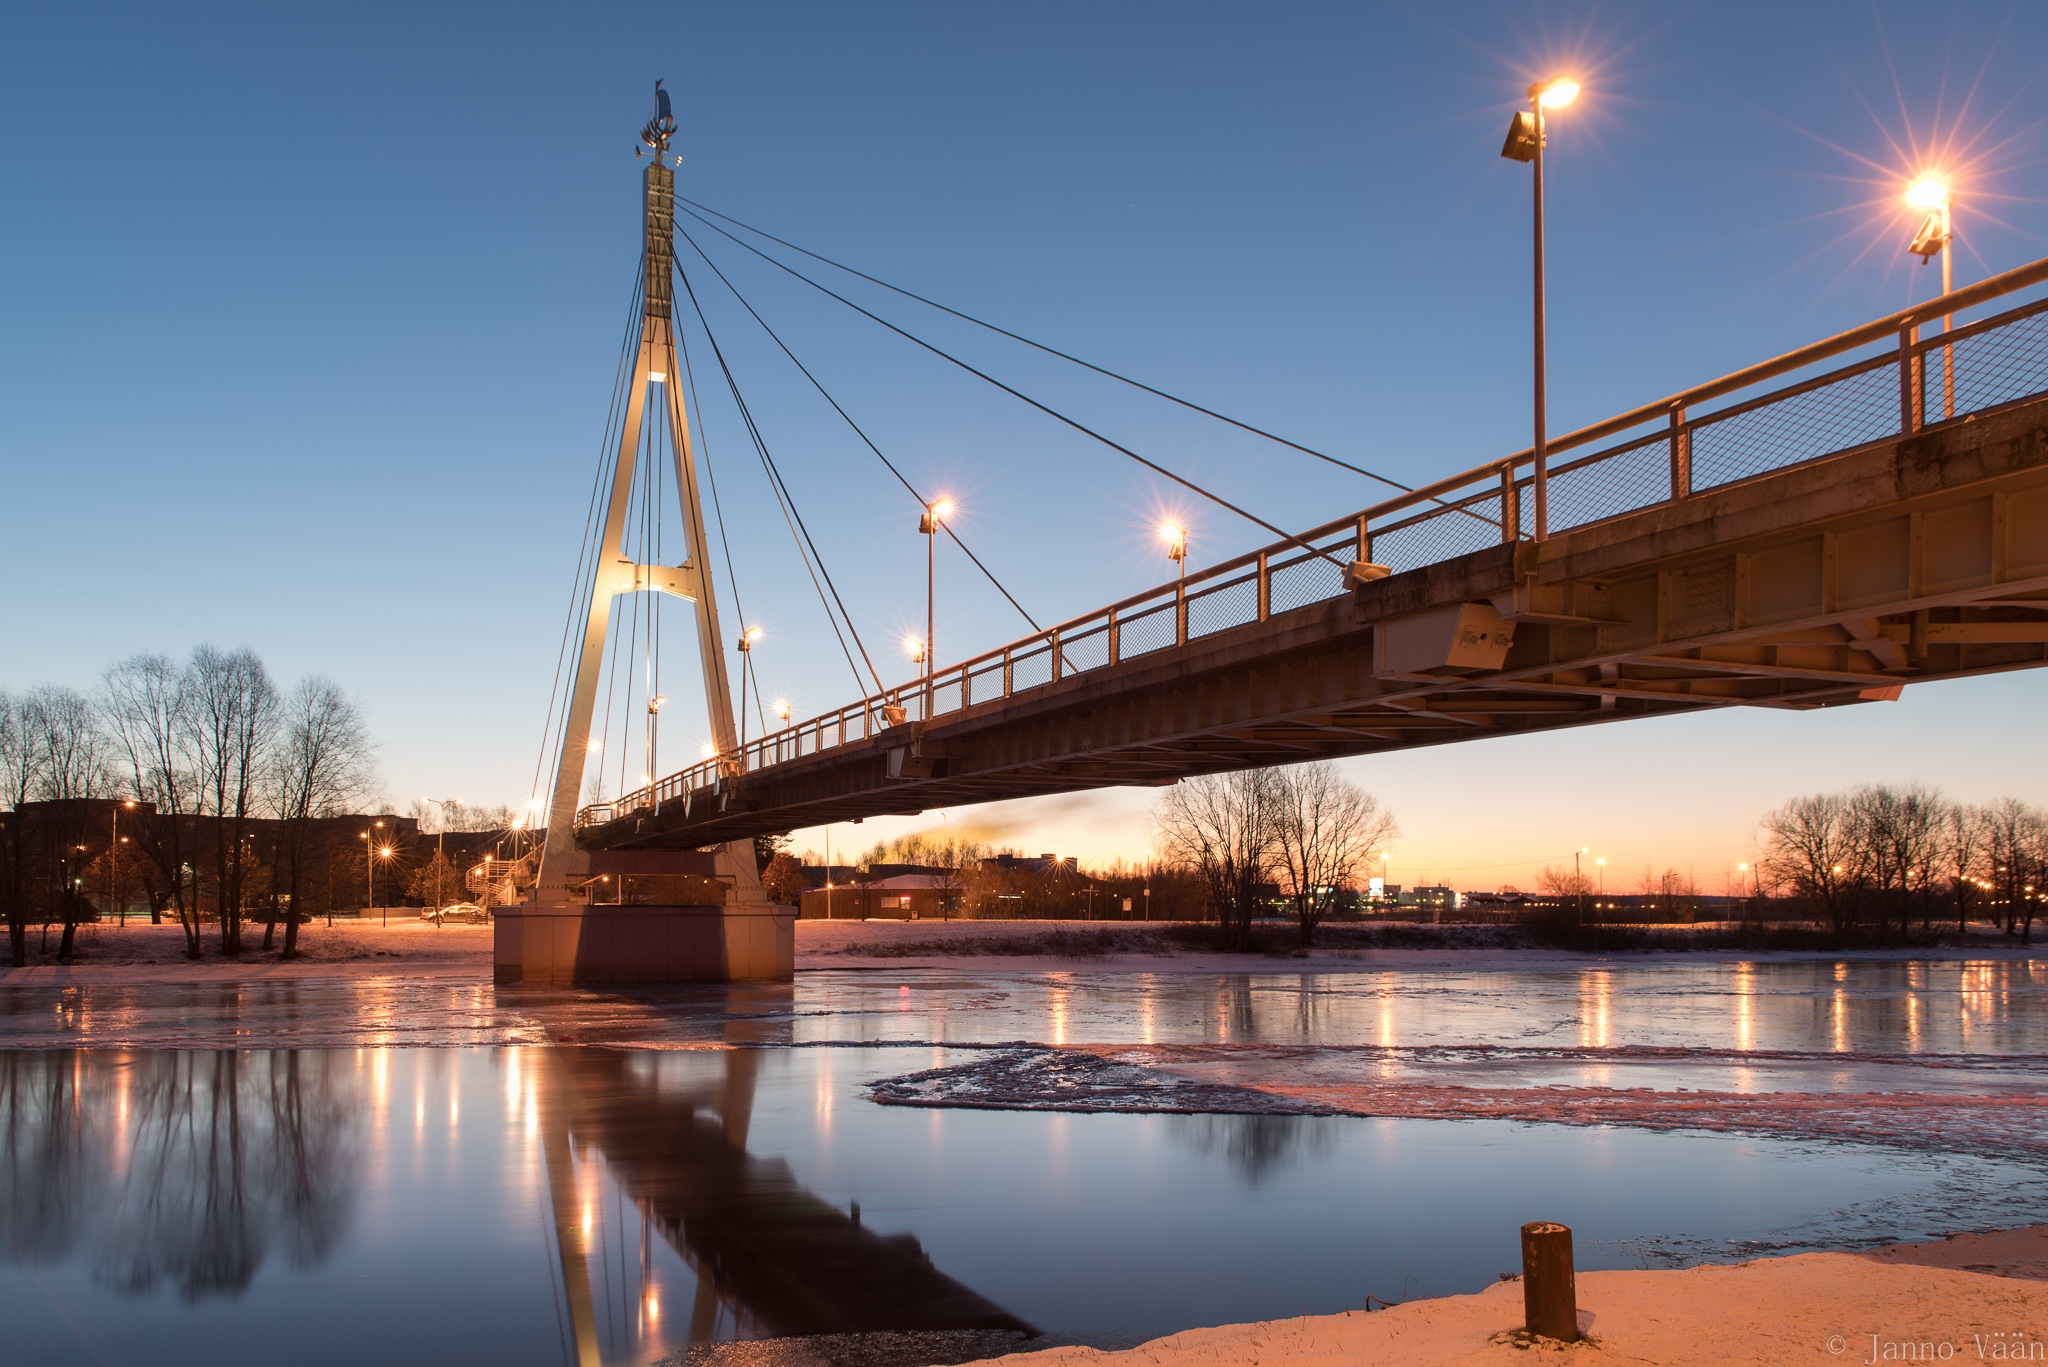 morning River by Janno Vään